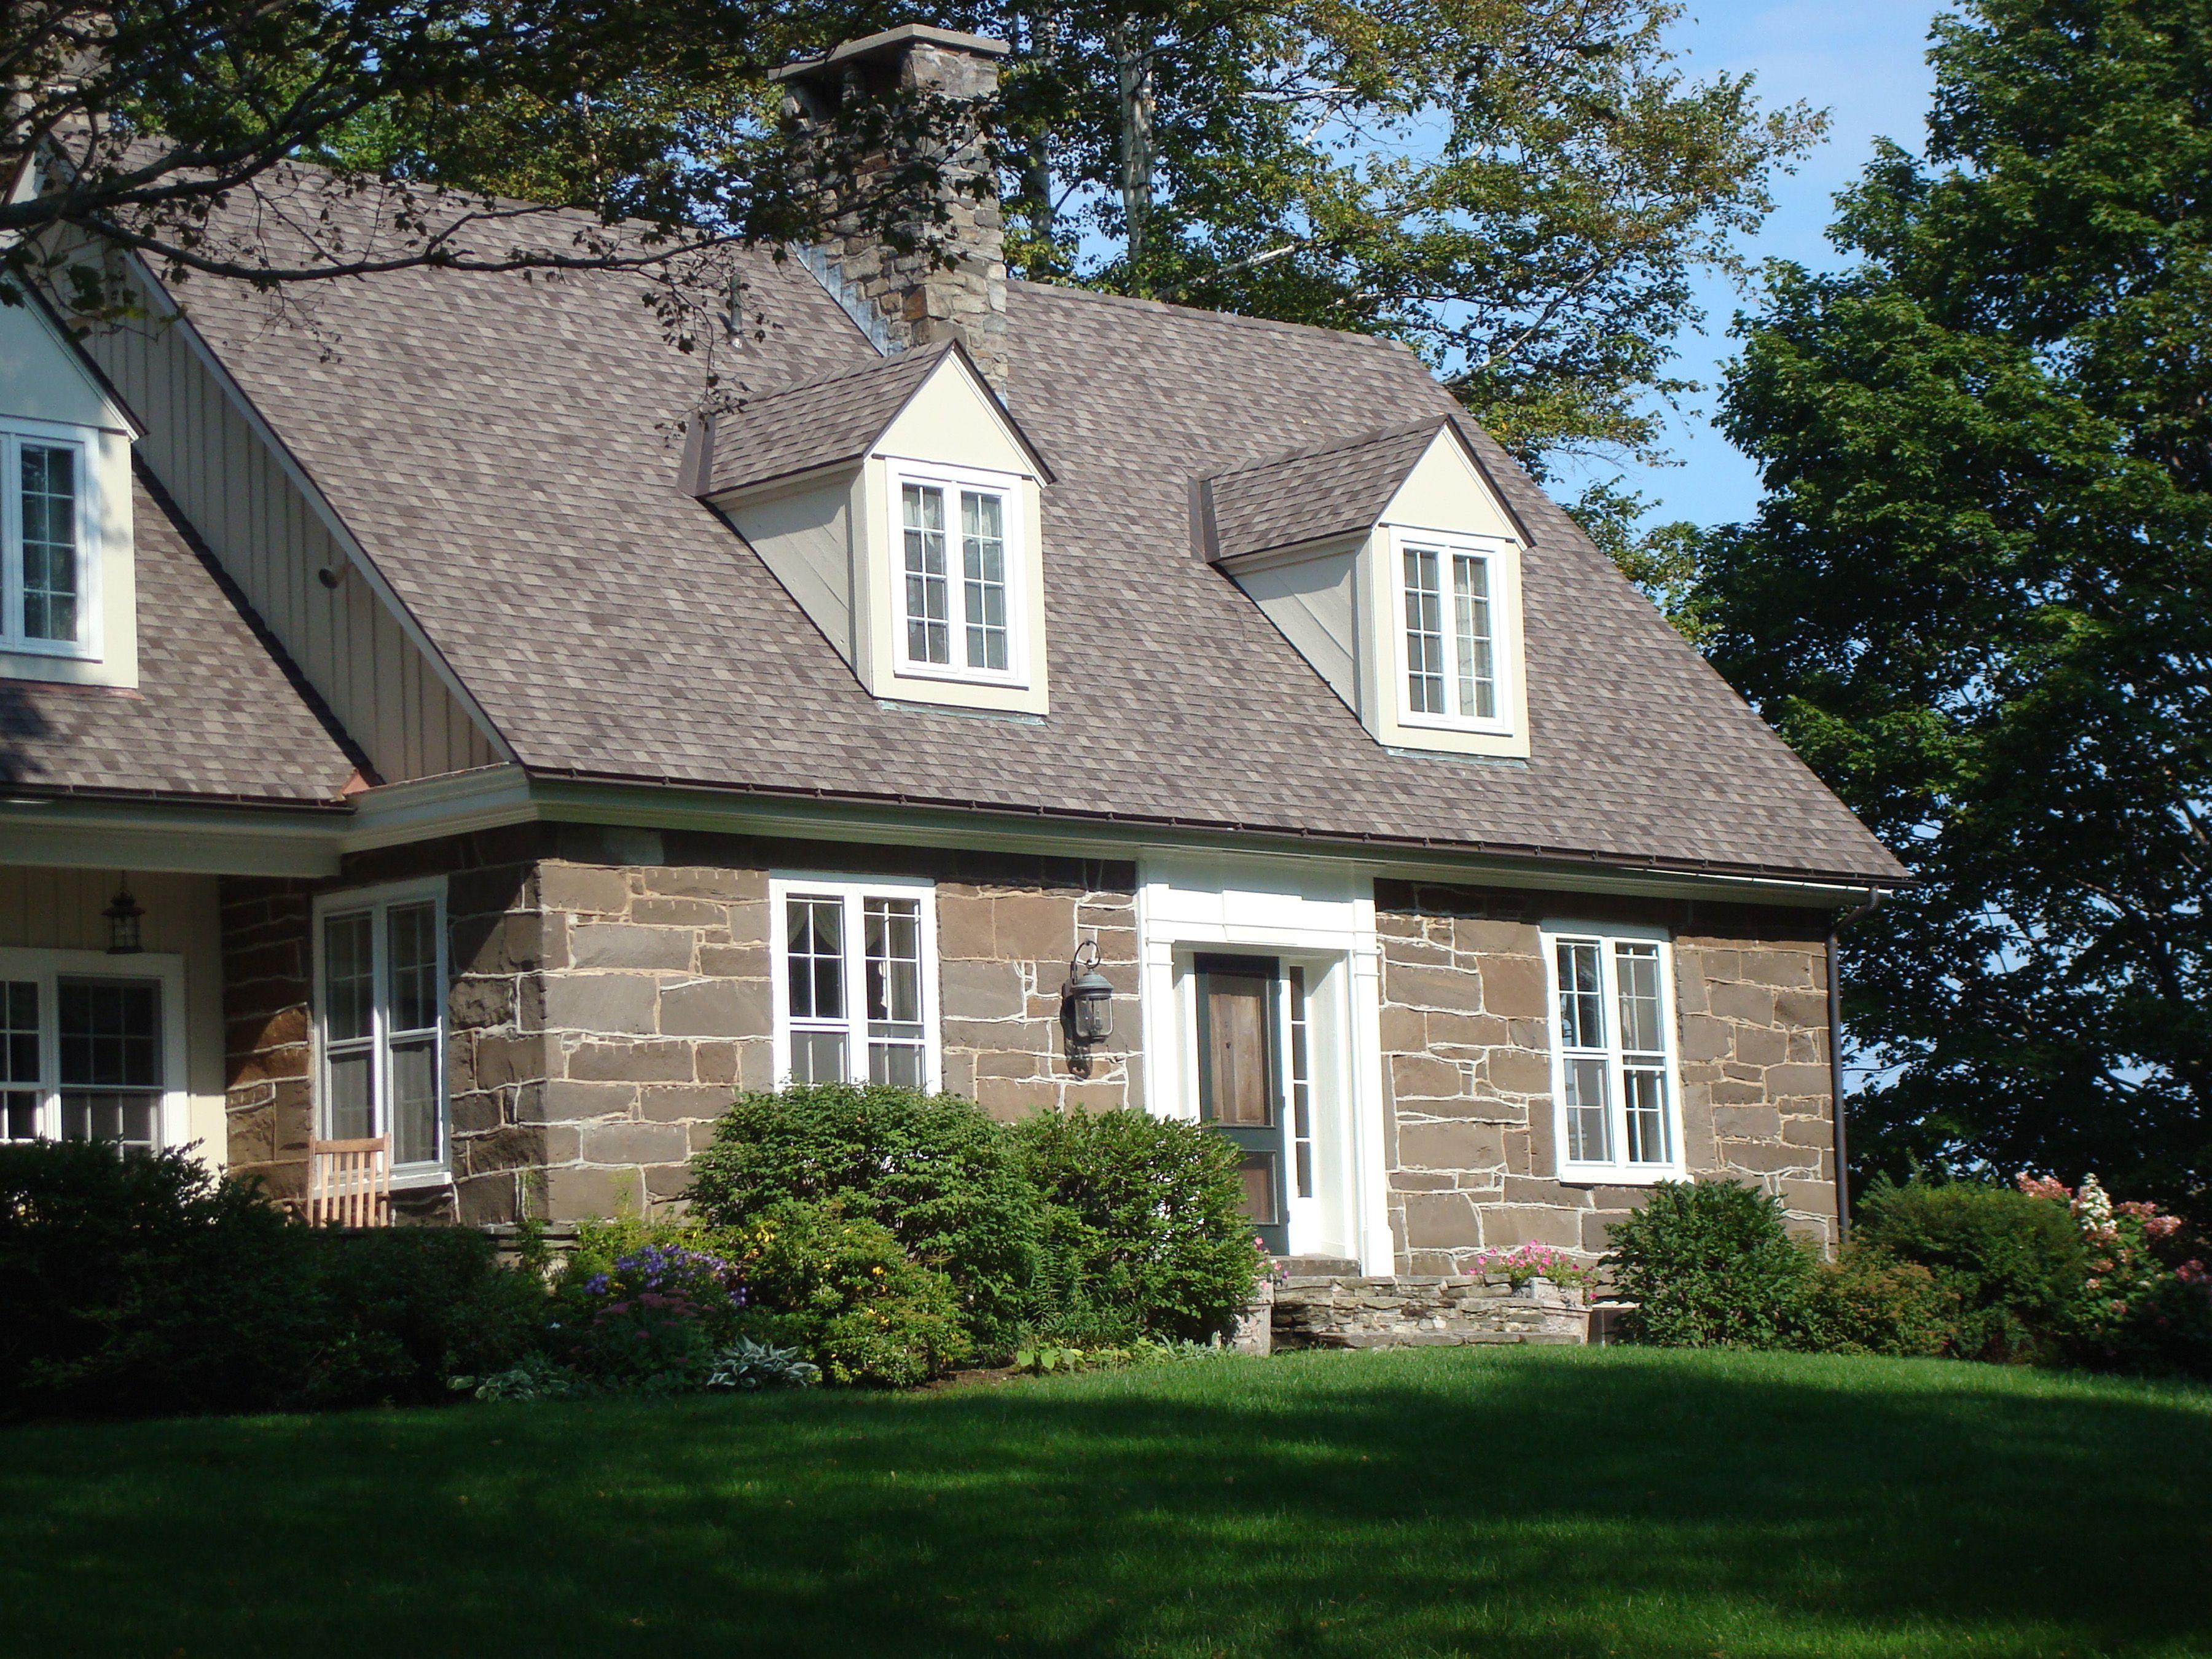 engel voelkers woodstock vermont houses for sale jpg 3600 2700